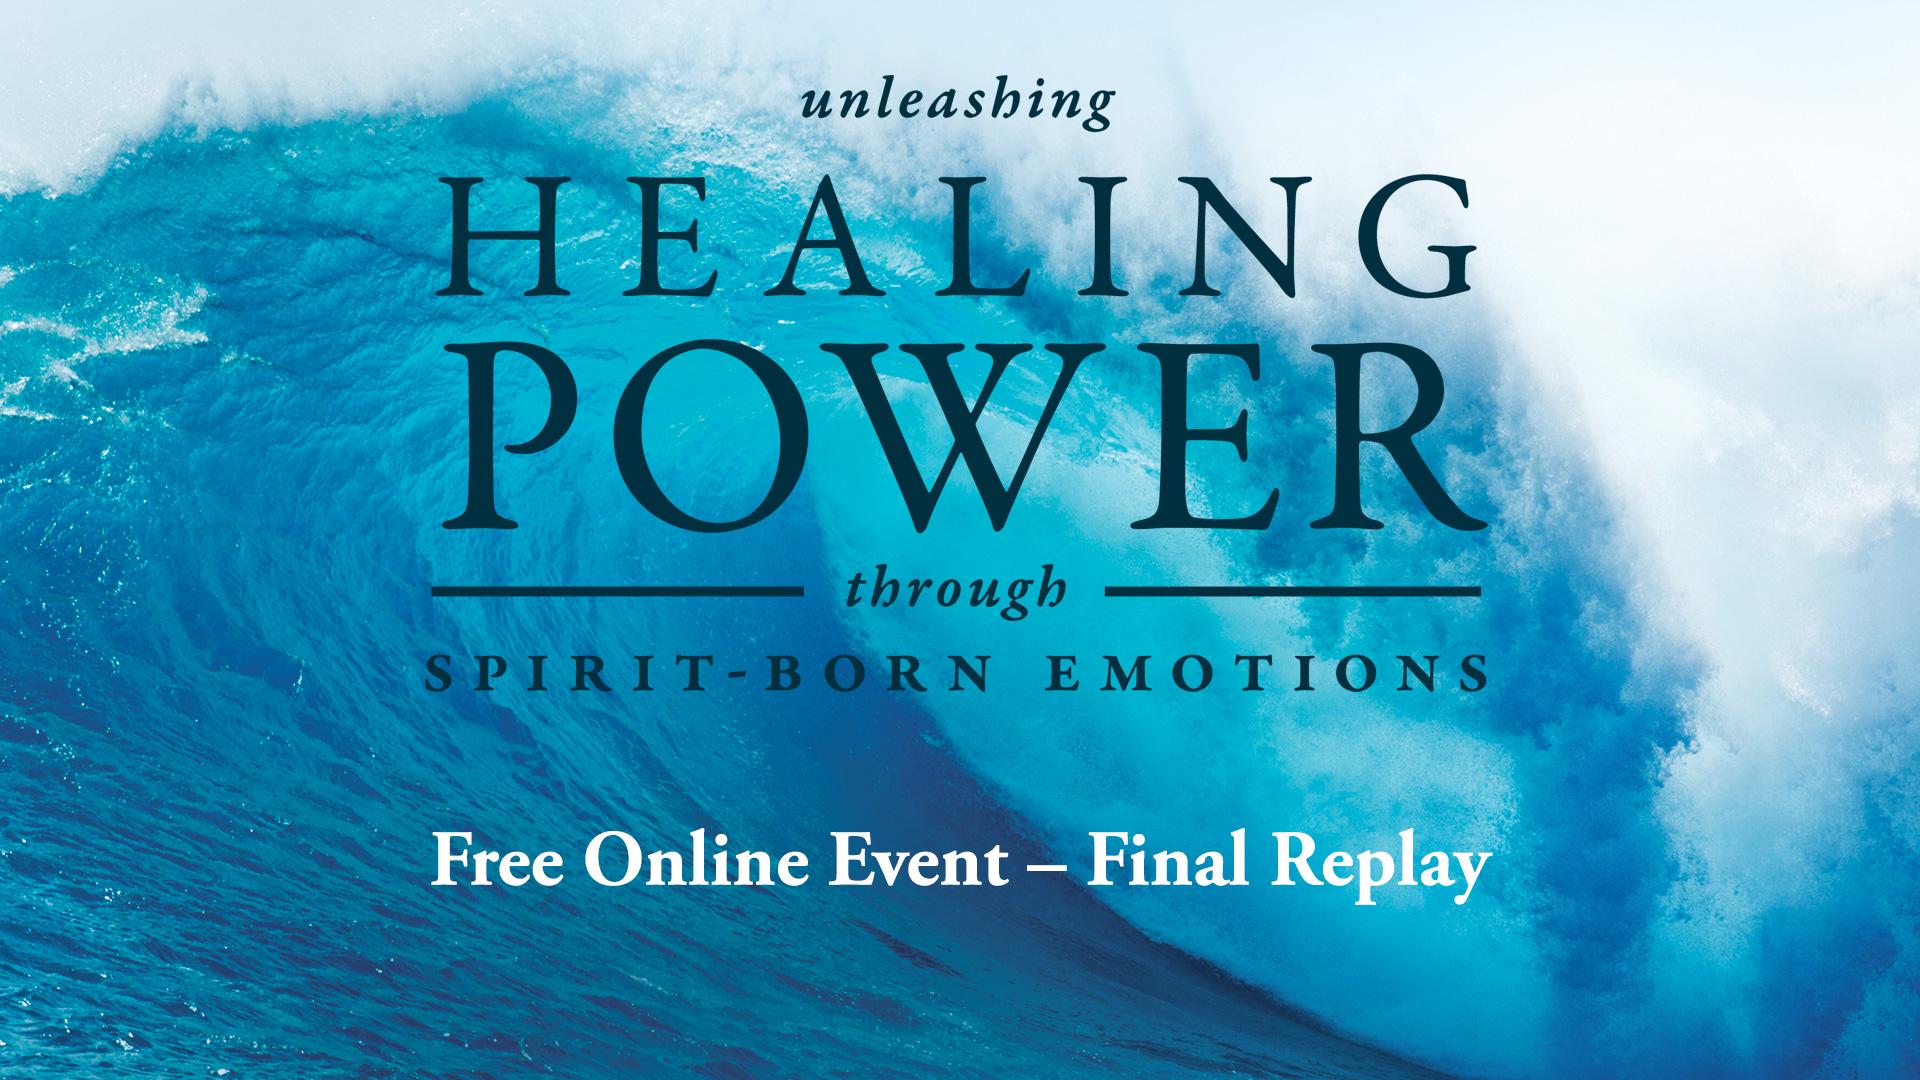 Unleashing Healing Power - Final Replay